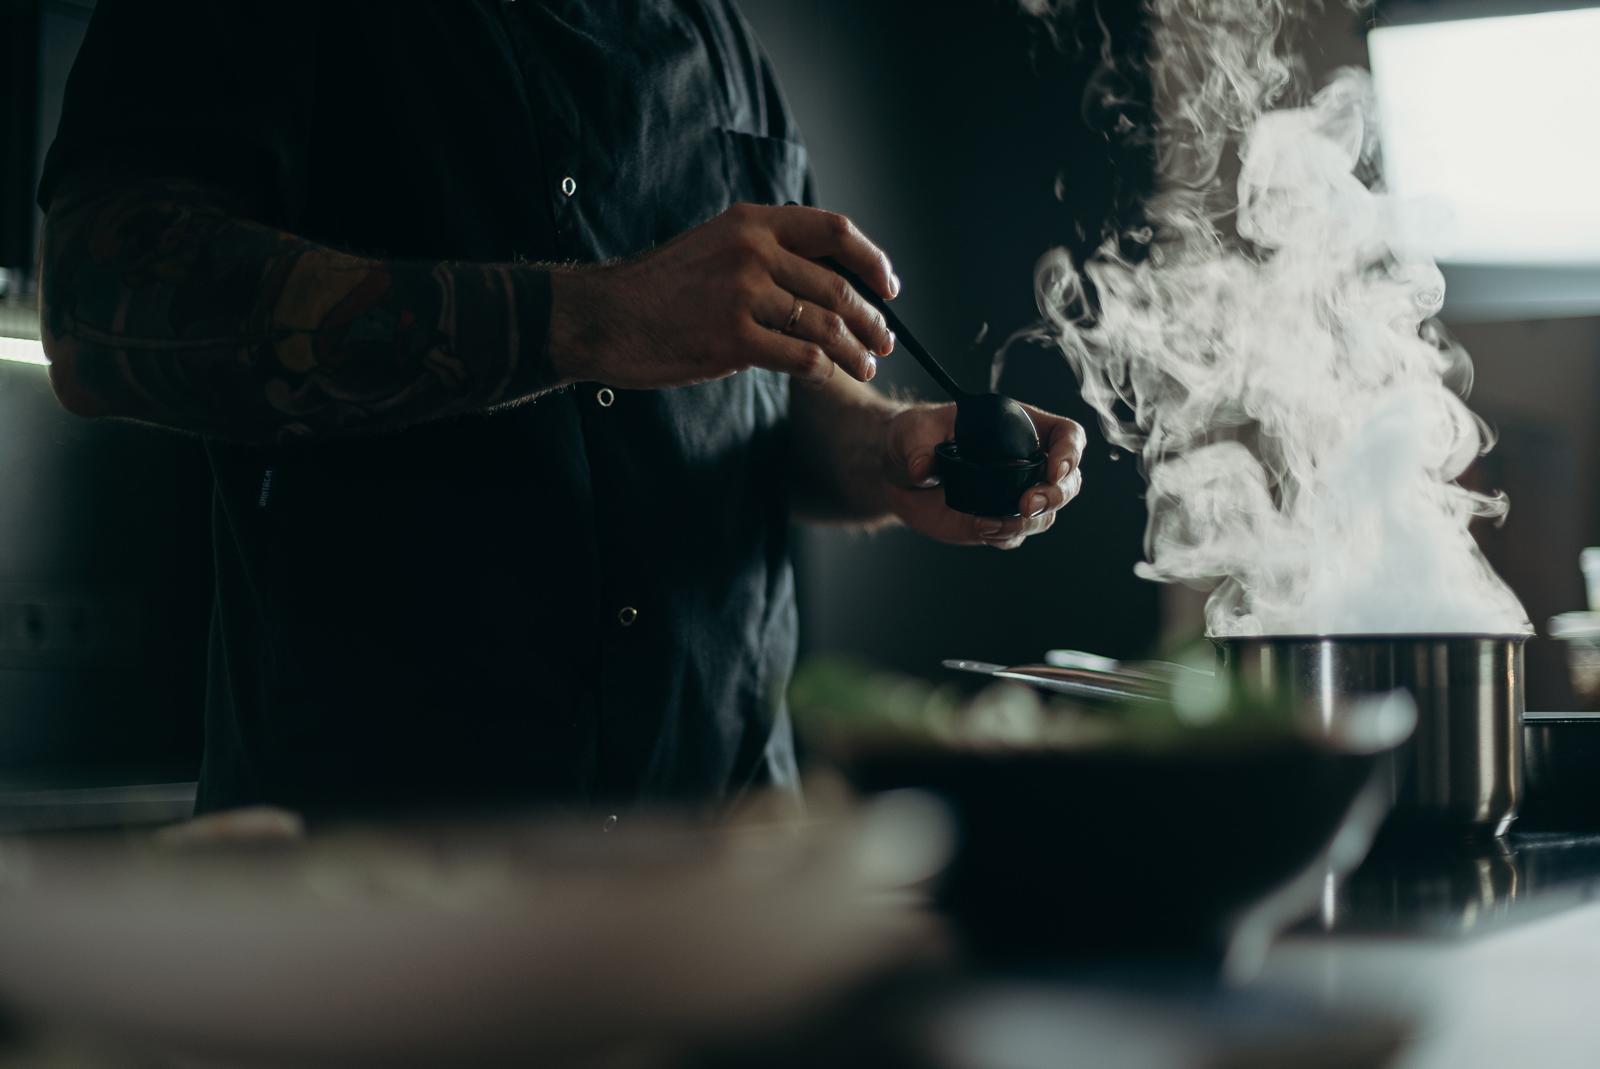 man-cooking-food-3298637